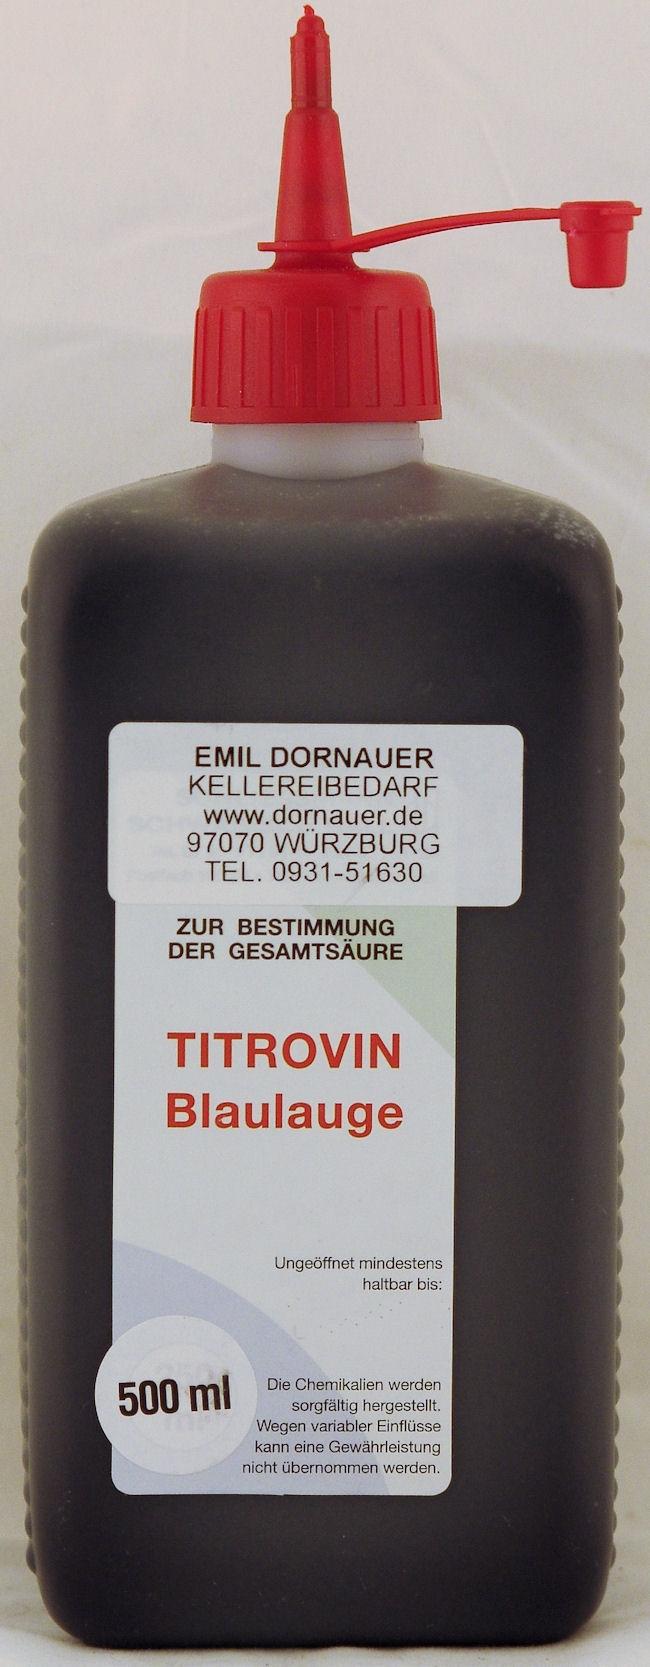 titrovin blaulauge 500 ml titrovin labor und analysen kellerei brennereibedarf. Black Bedroom Furniture Sets. Home Design Ideas